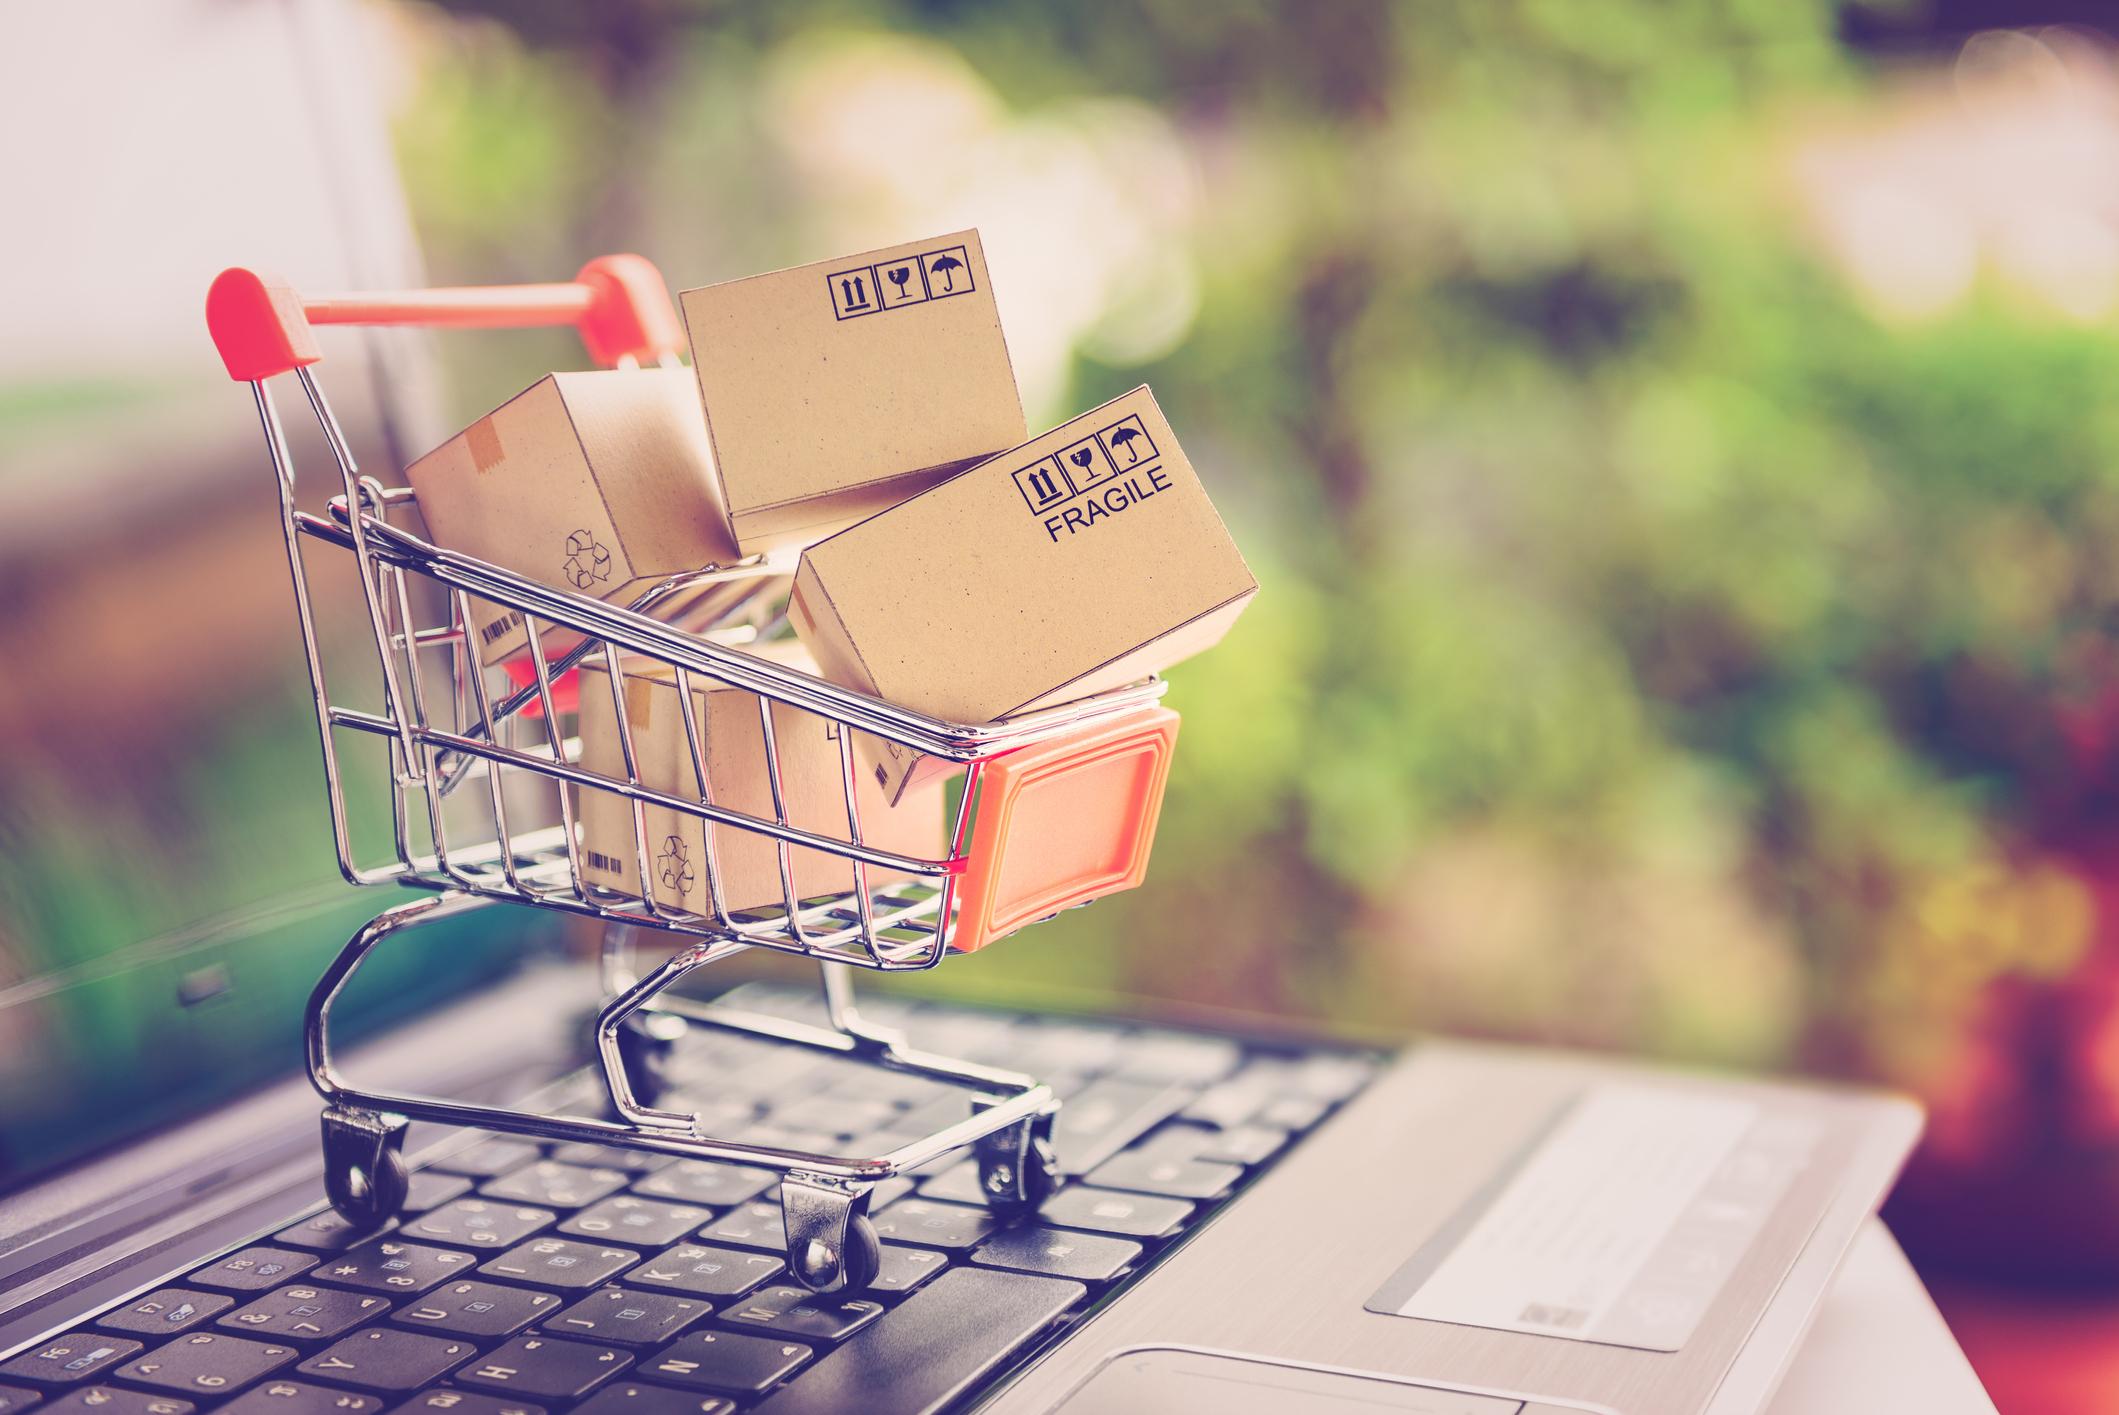 online_buy_istock.jpg